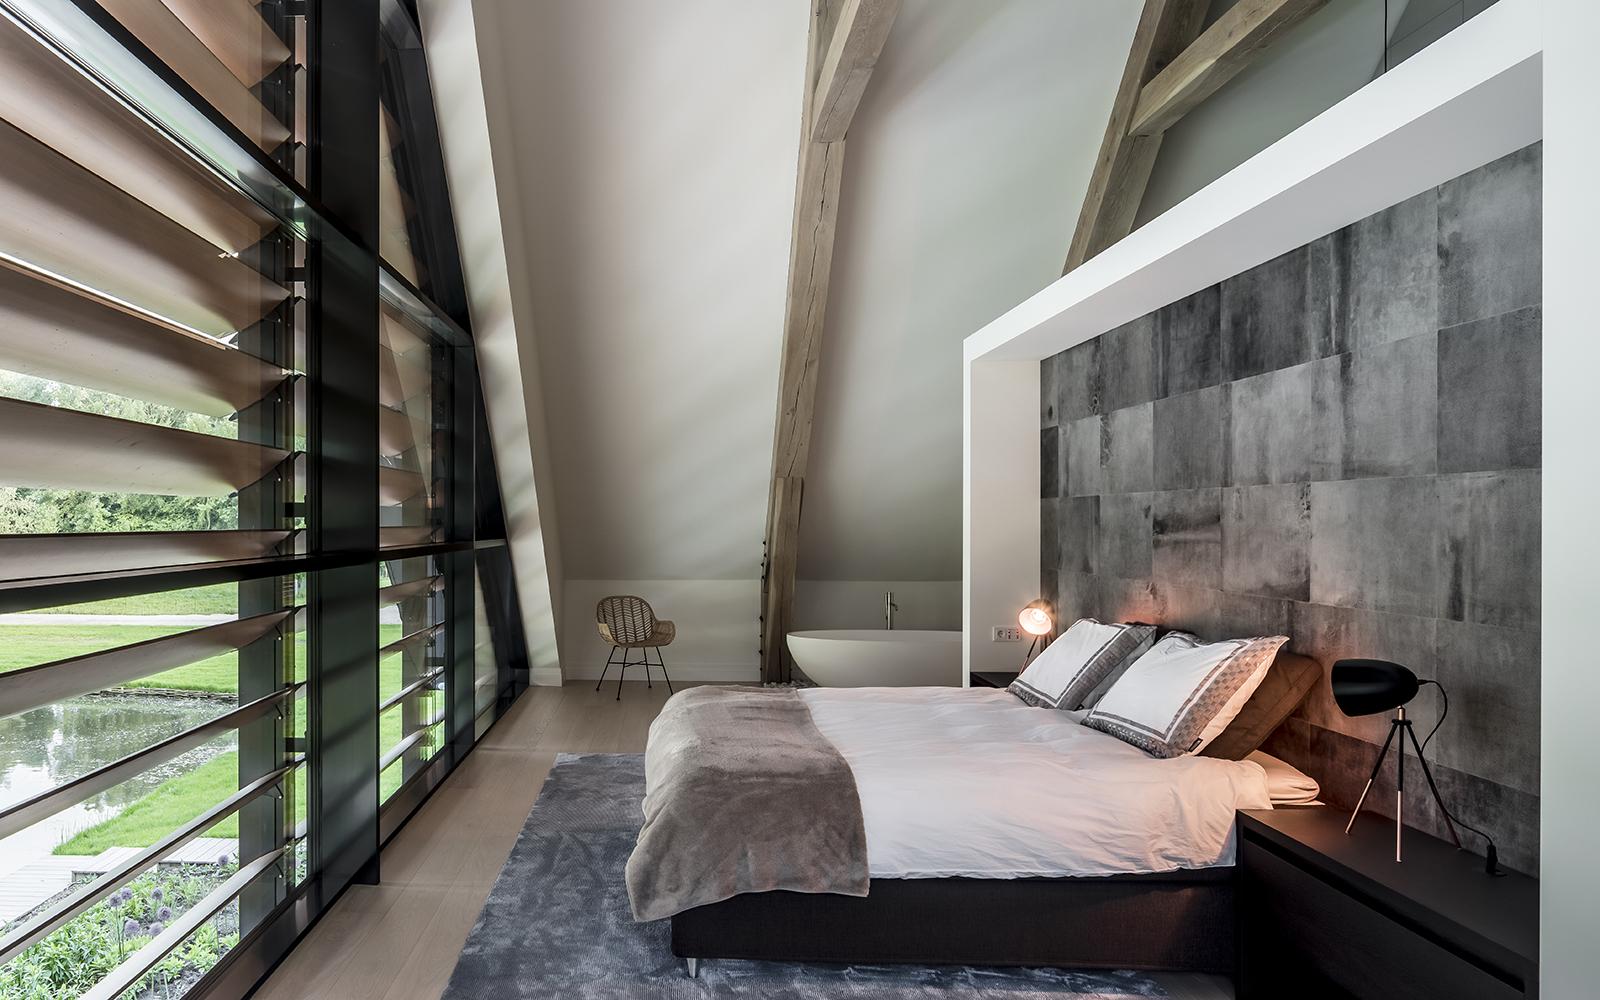 binnenkijken bij schuurwoning gerealiseerd door Morrenbouw, slaapkamer